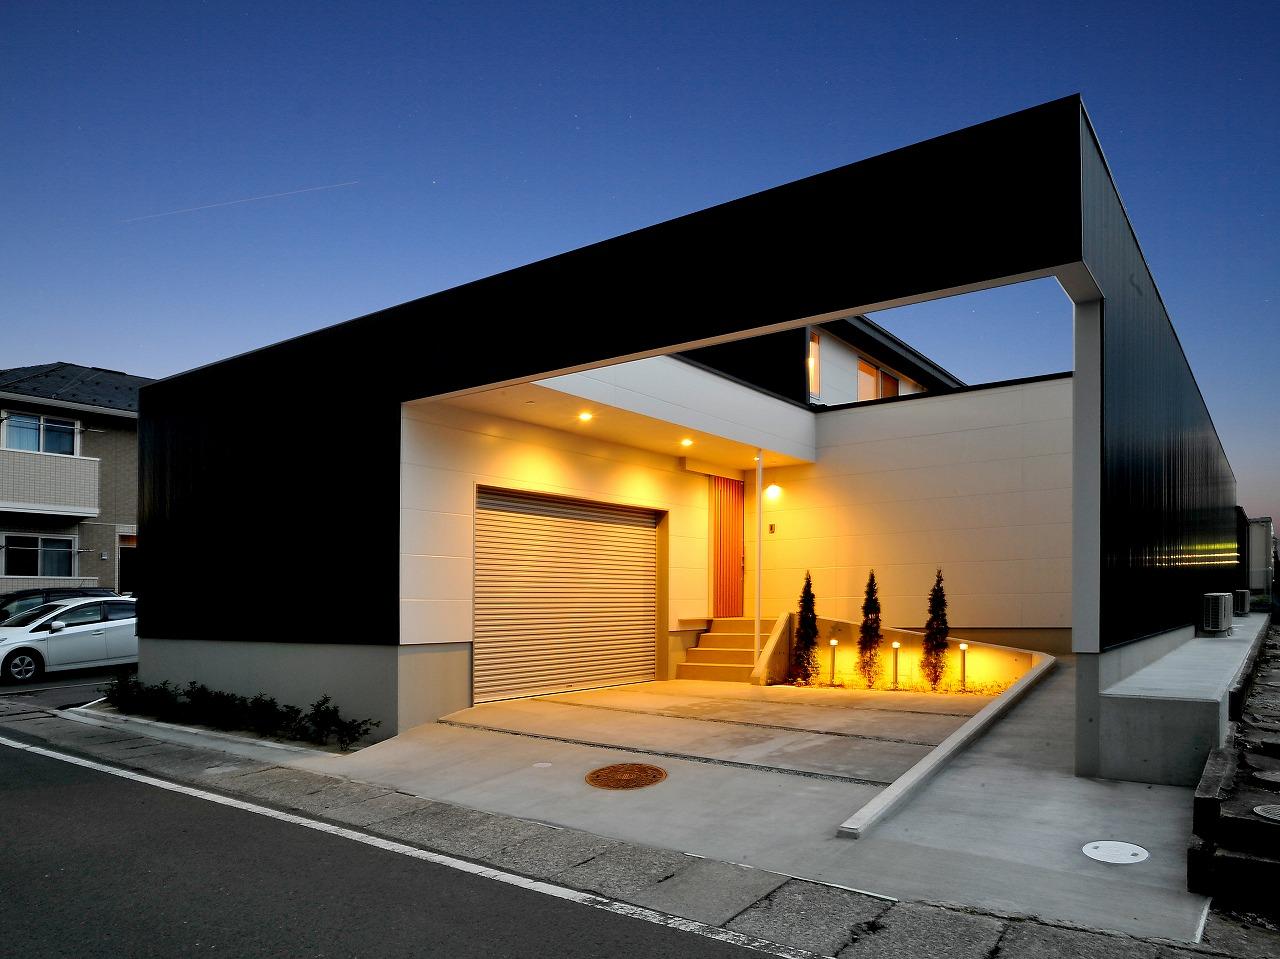 福田町の家